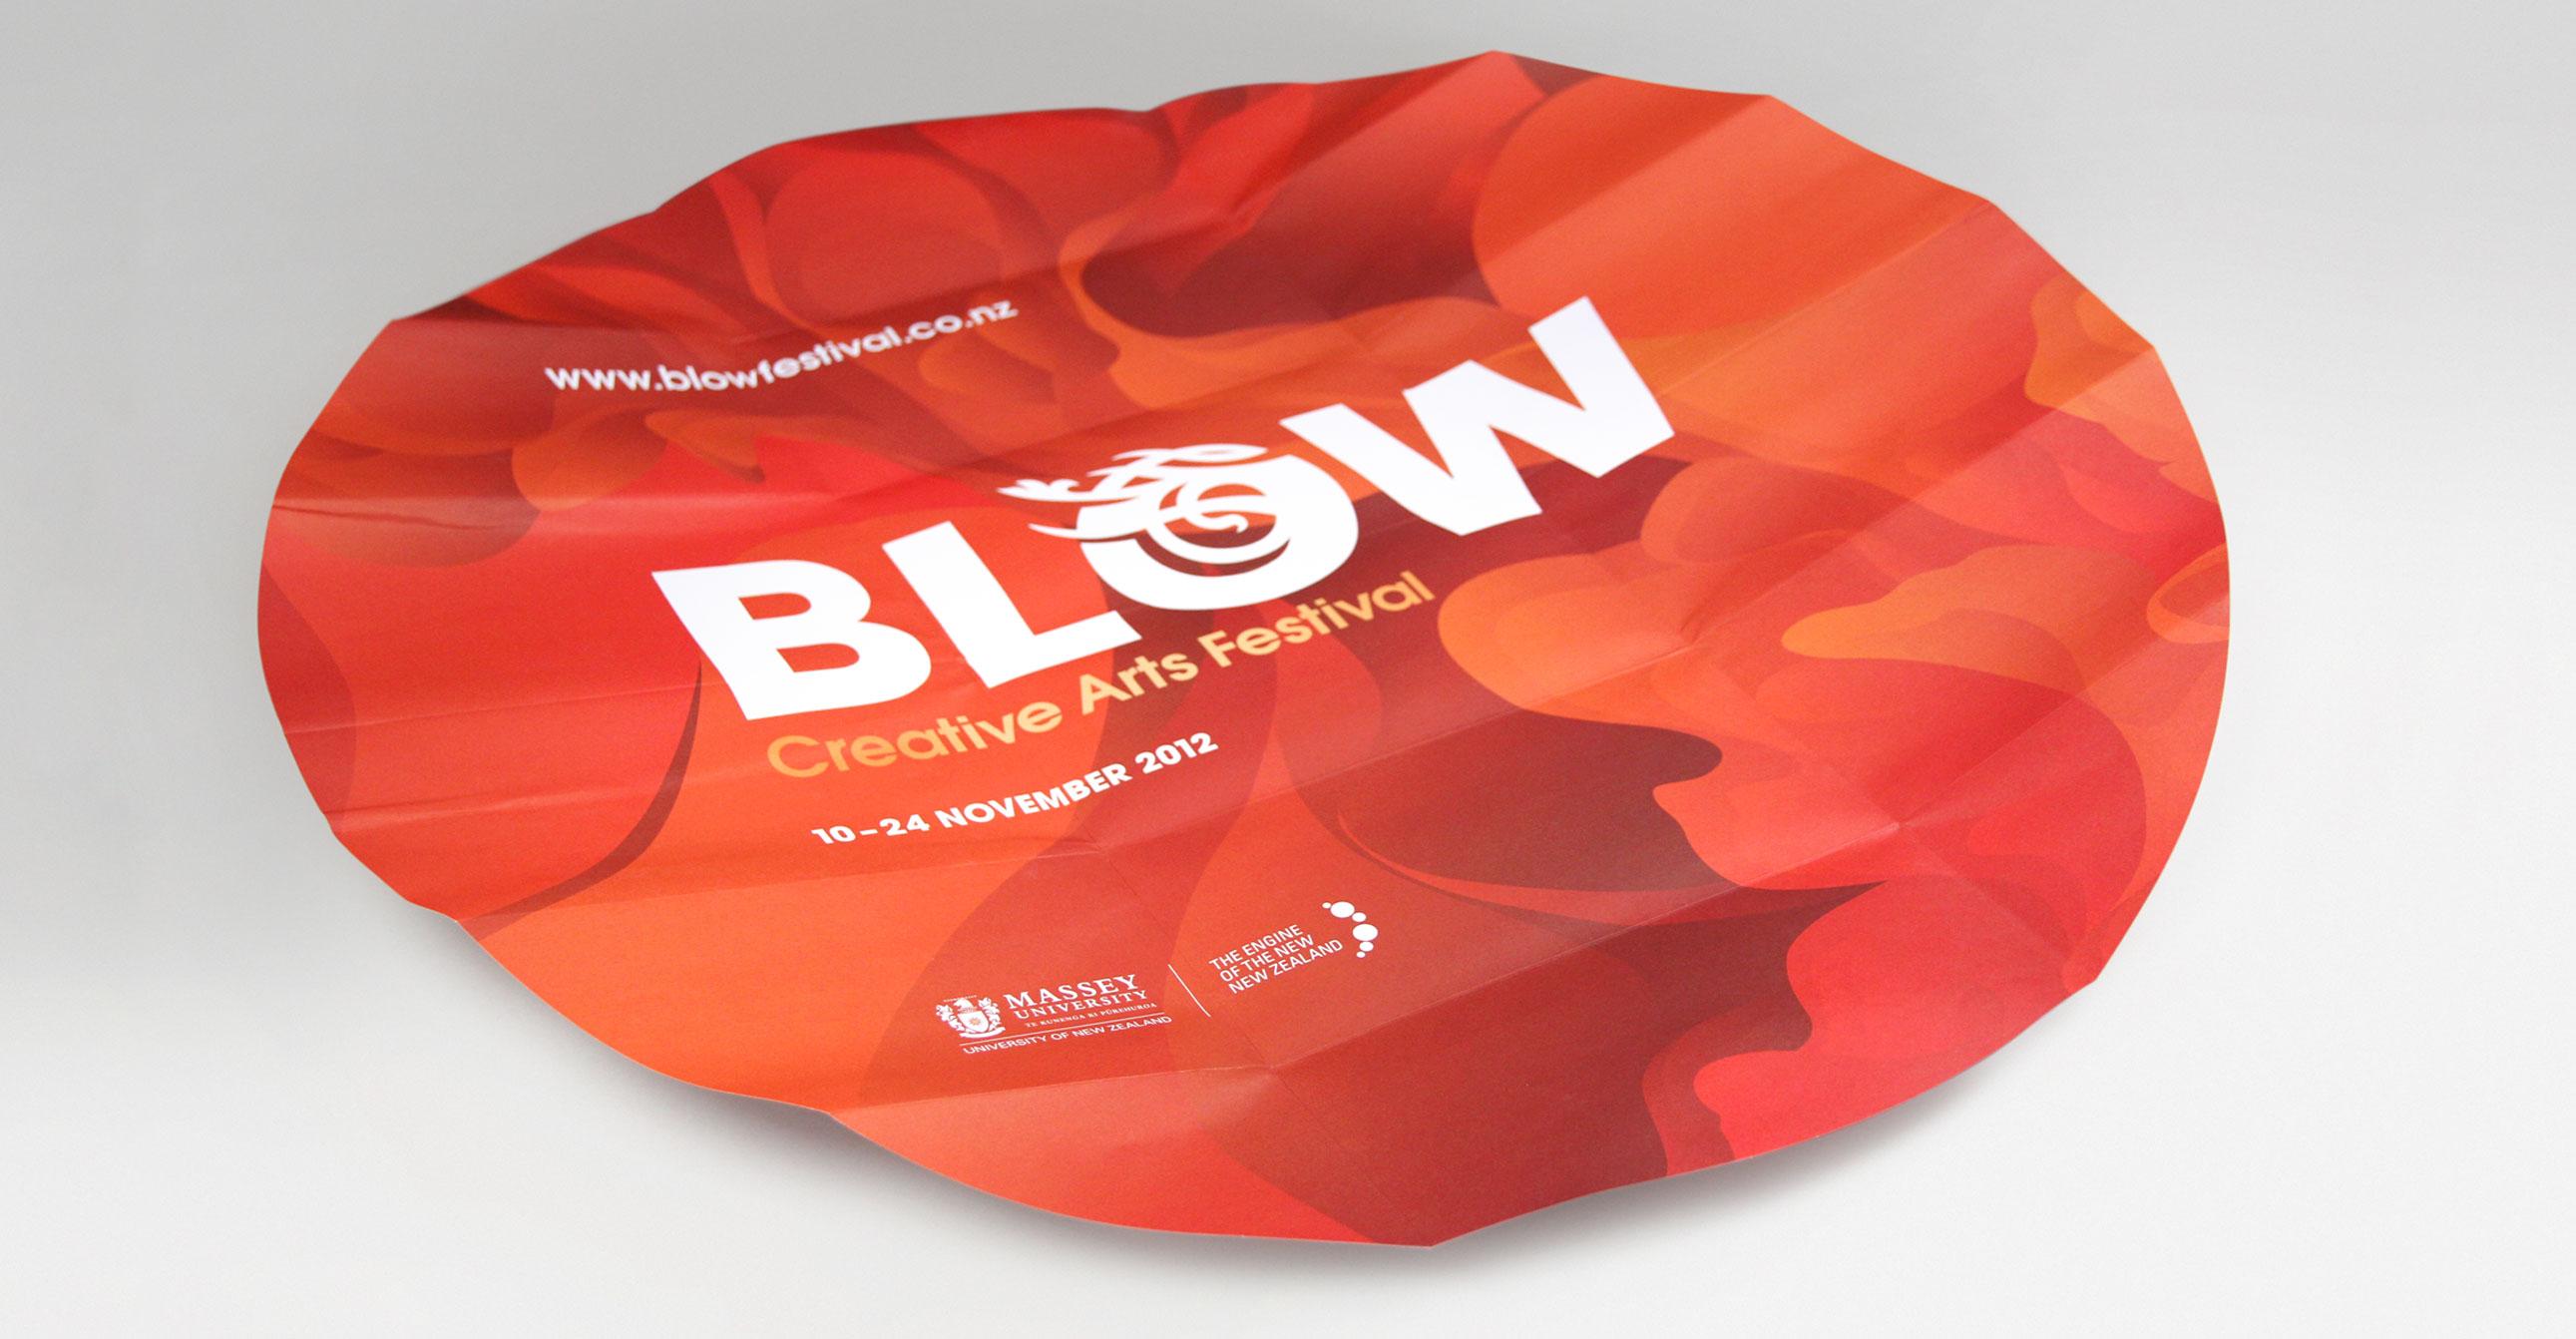 blow2012_04.jpg